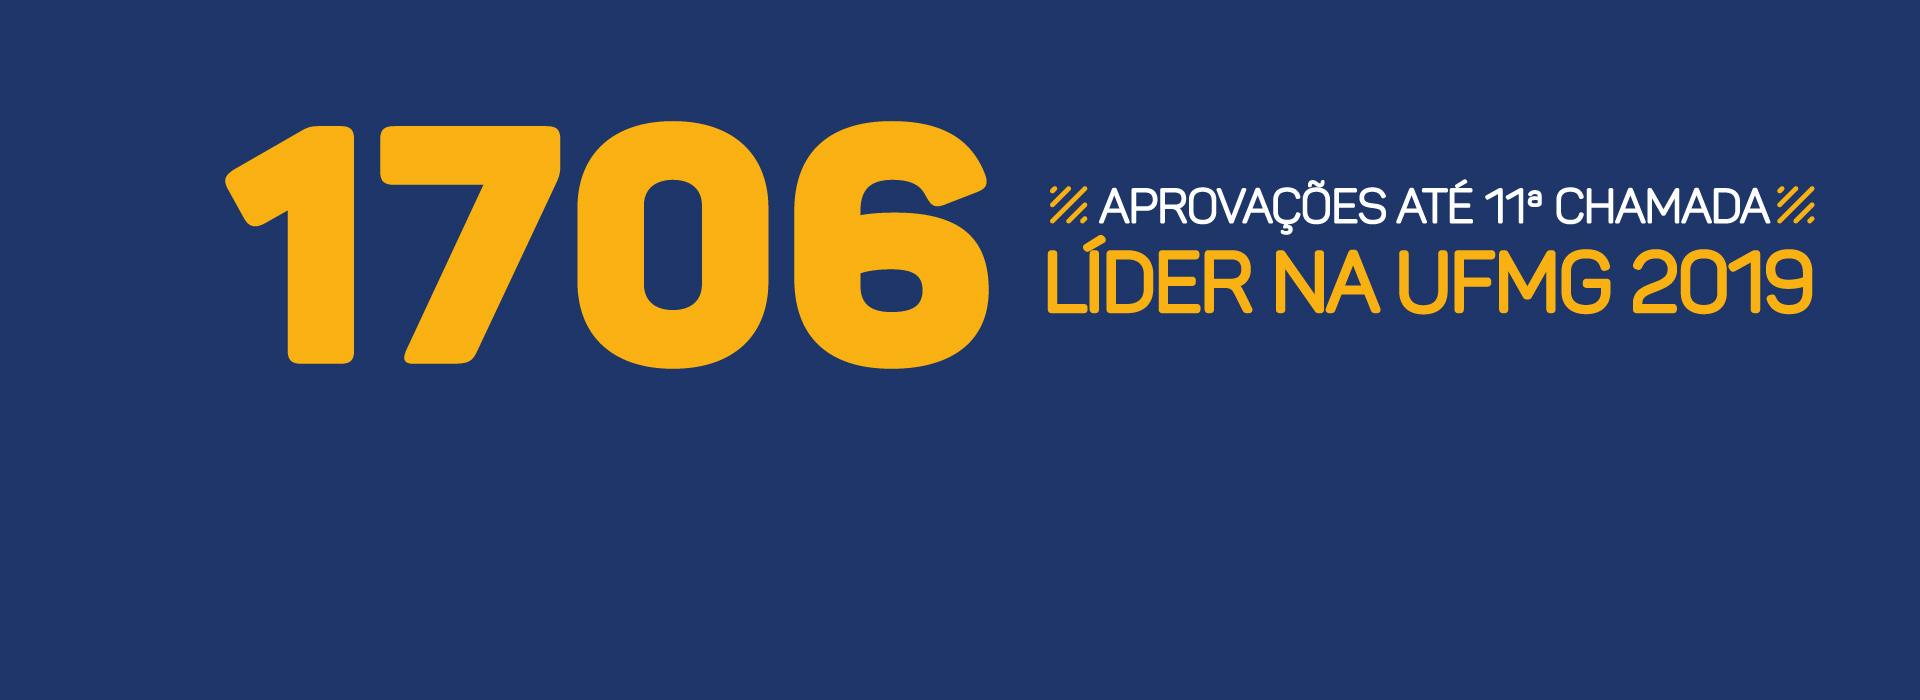 23-08---Lista-de-Aprovados-UFMG-2019